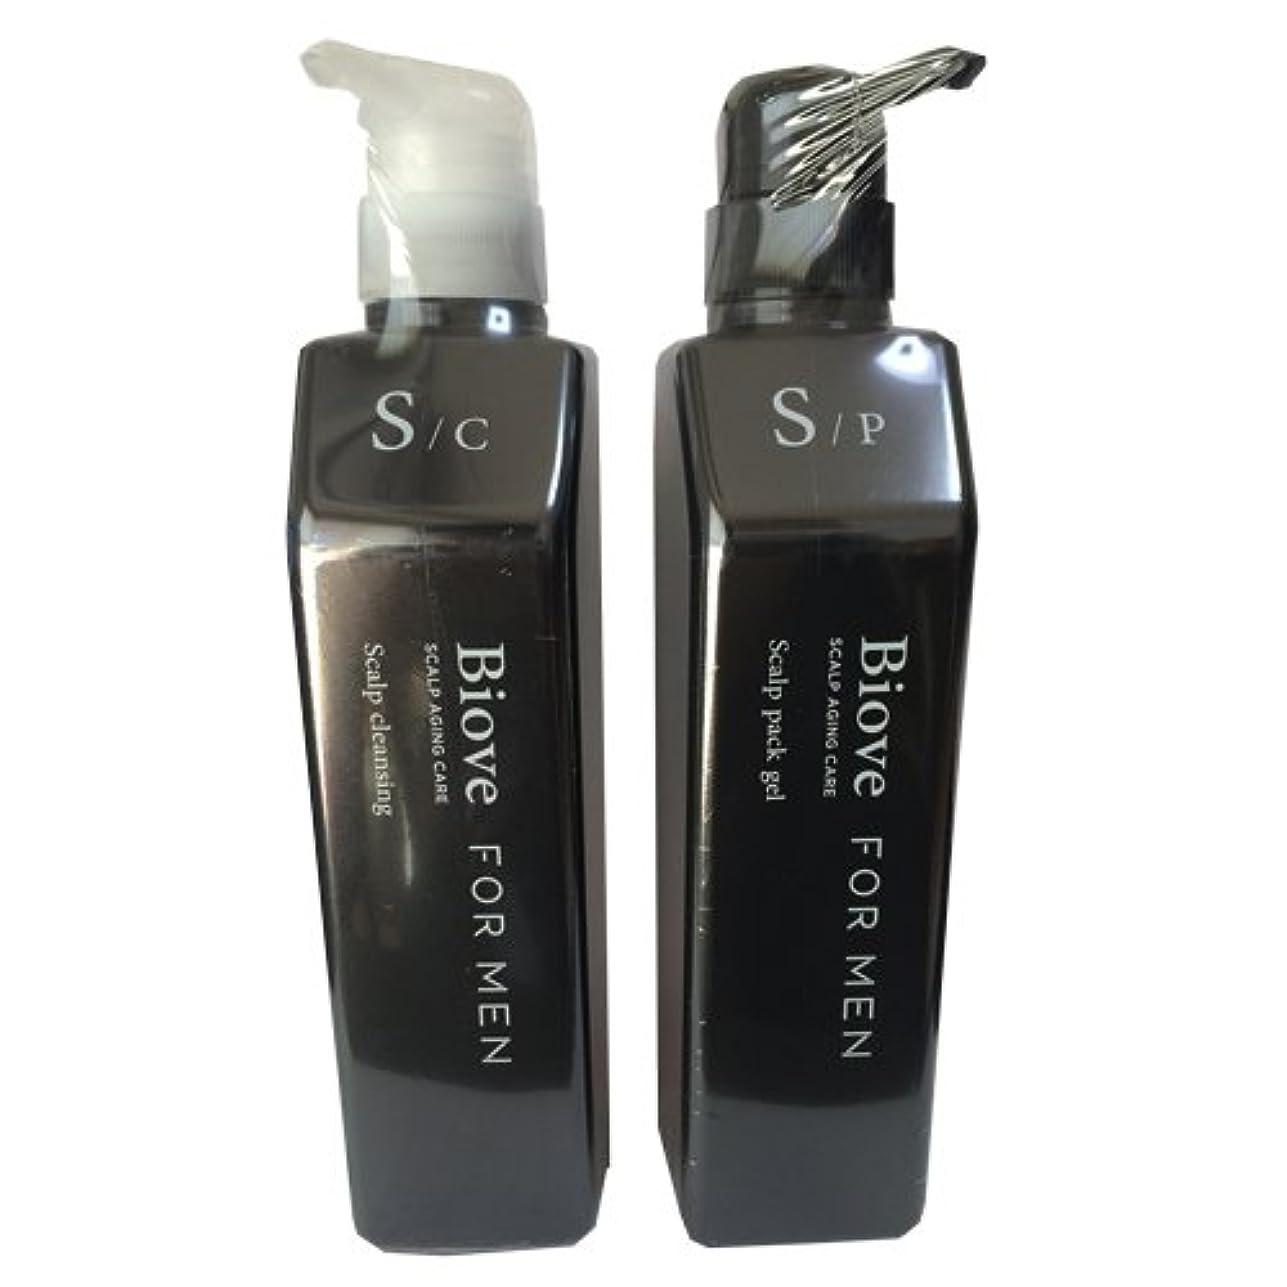 意志乳剤敬意を表するBiove FOR MEN ビオーブ フォー メン スキャルプクレンジング 550ml & スキャルプパックジェル 550g セット